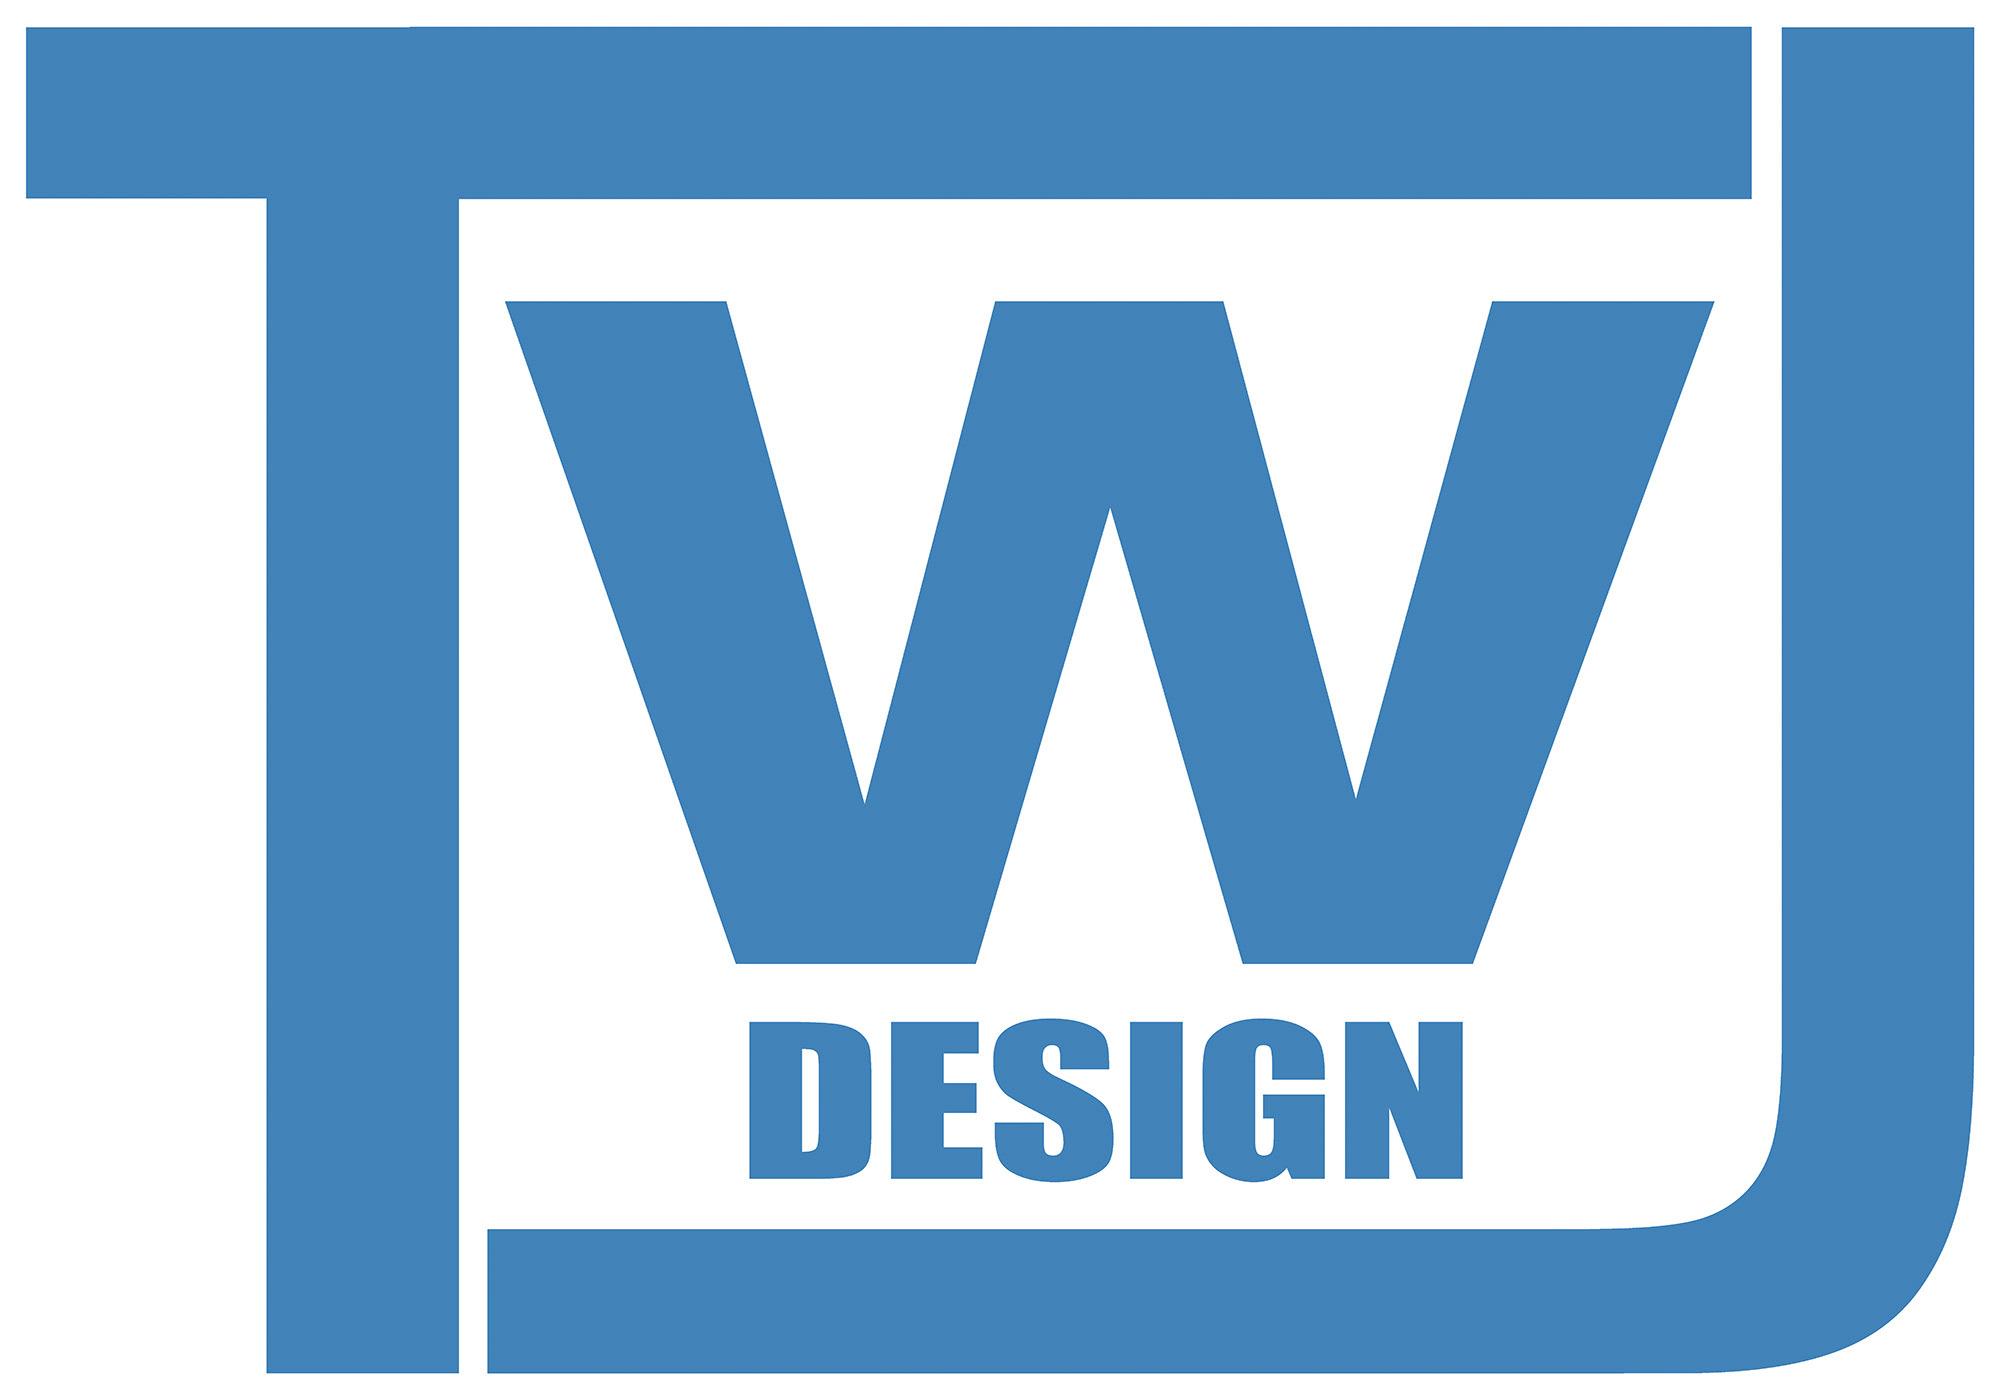 WIUM DESIGN